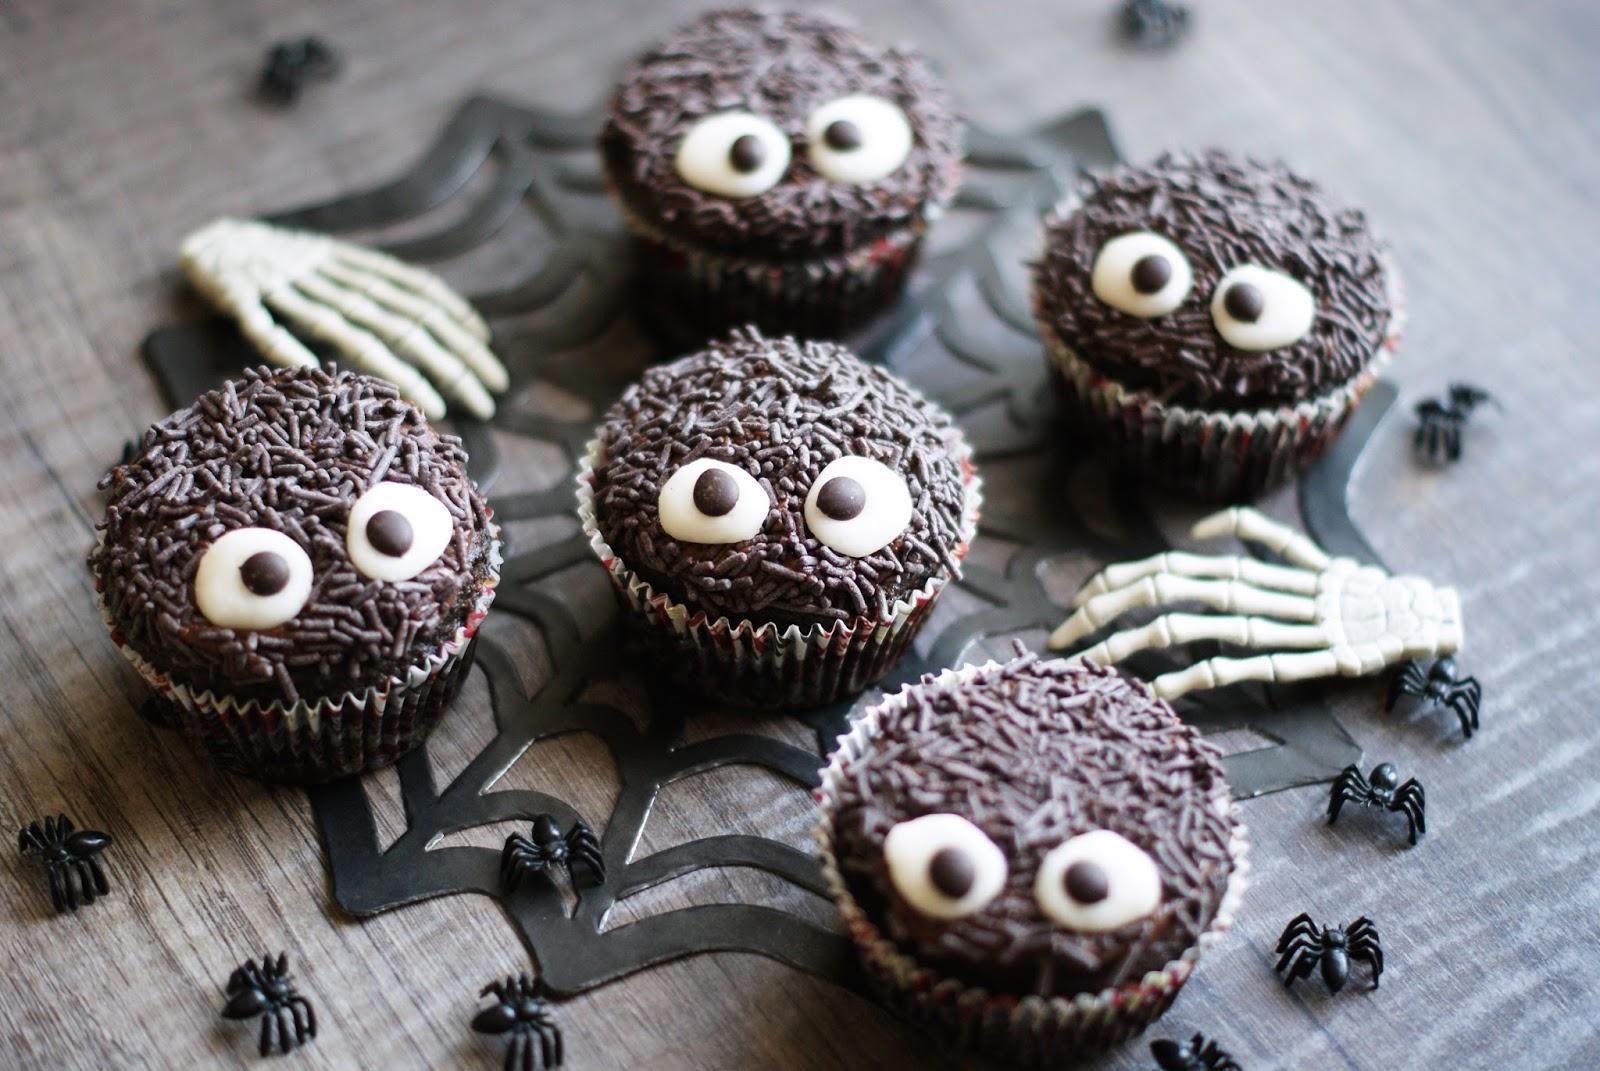 Bemerkenswert Halloween Cupcakes Rezepte Dekoration Von Ich Fühle Mich Beobachtet. Als Würde Mich